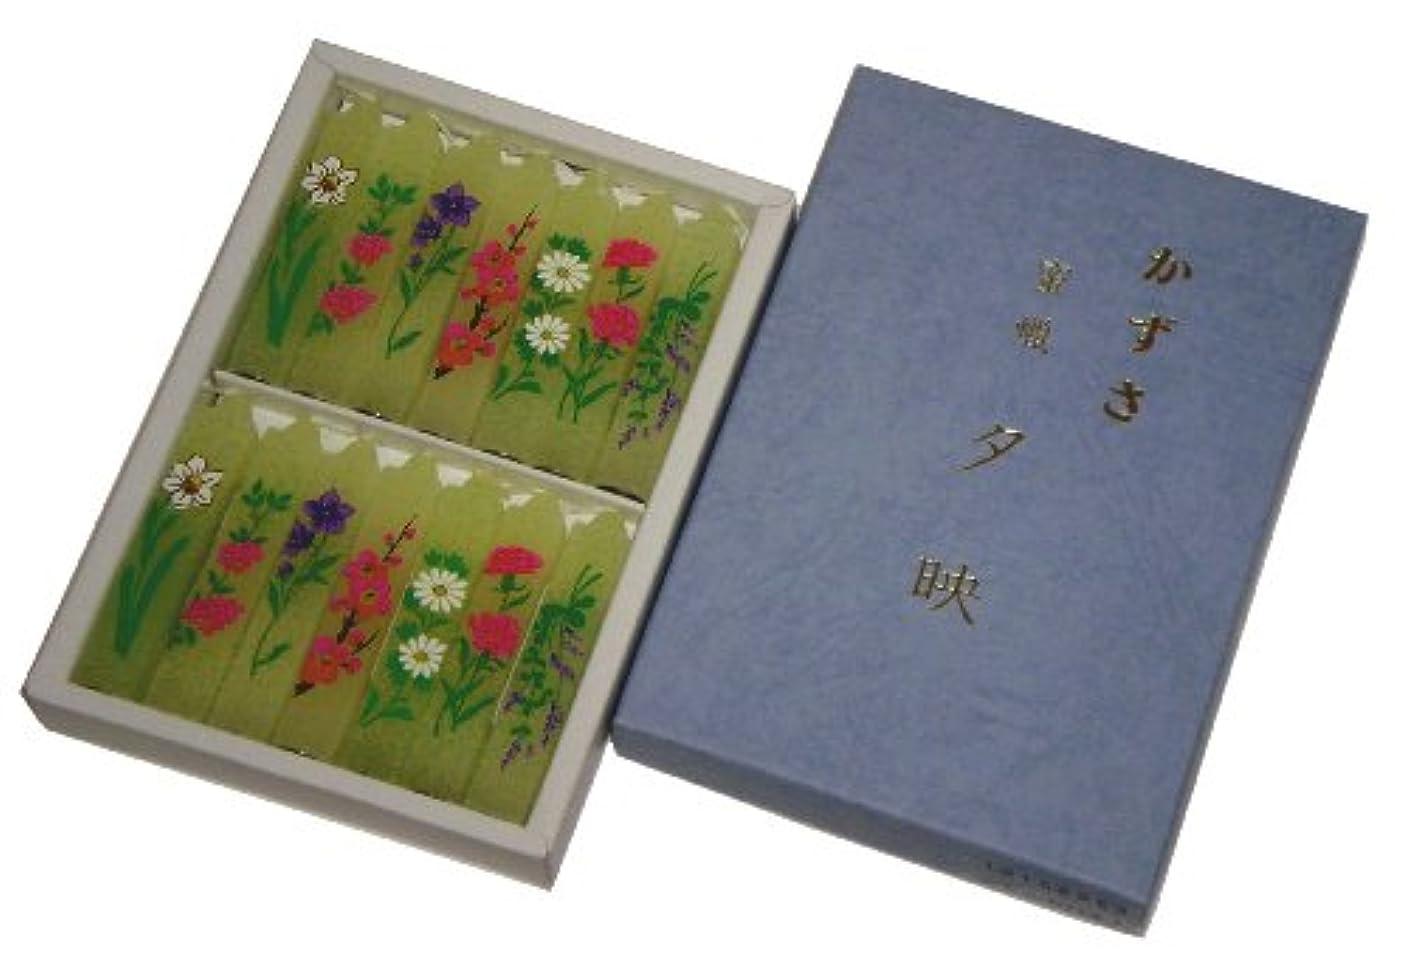 すぐに移行する嫉妬鳥居のローソク 蜜蝋小夕映 アソート14本(かずさ替) 磁石付 #100960